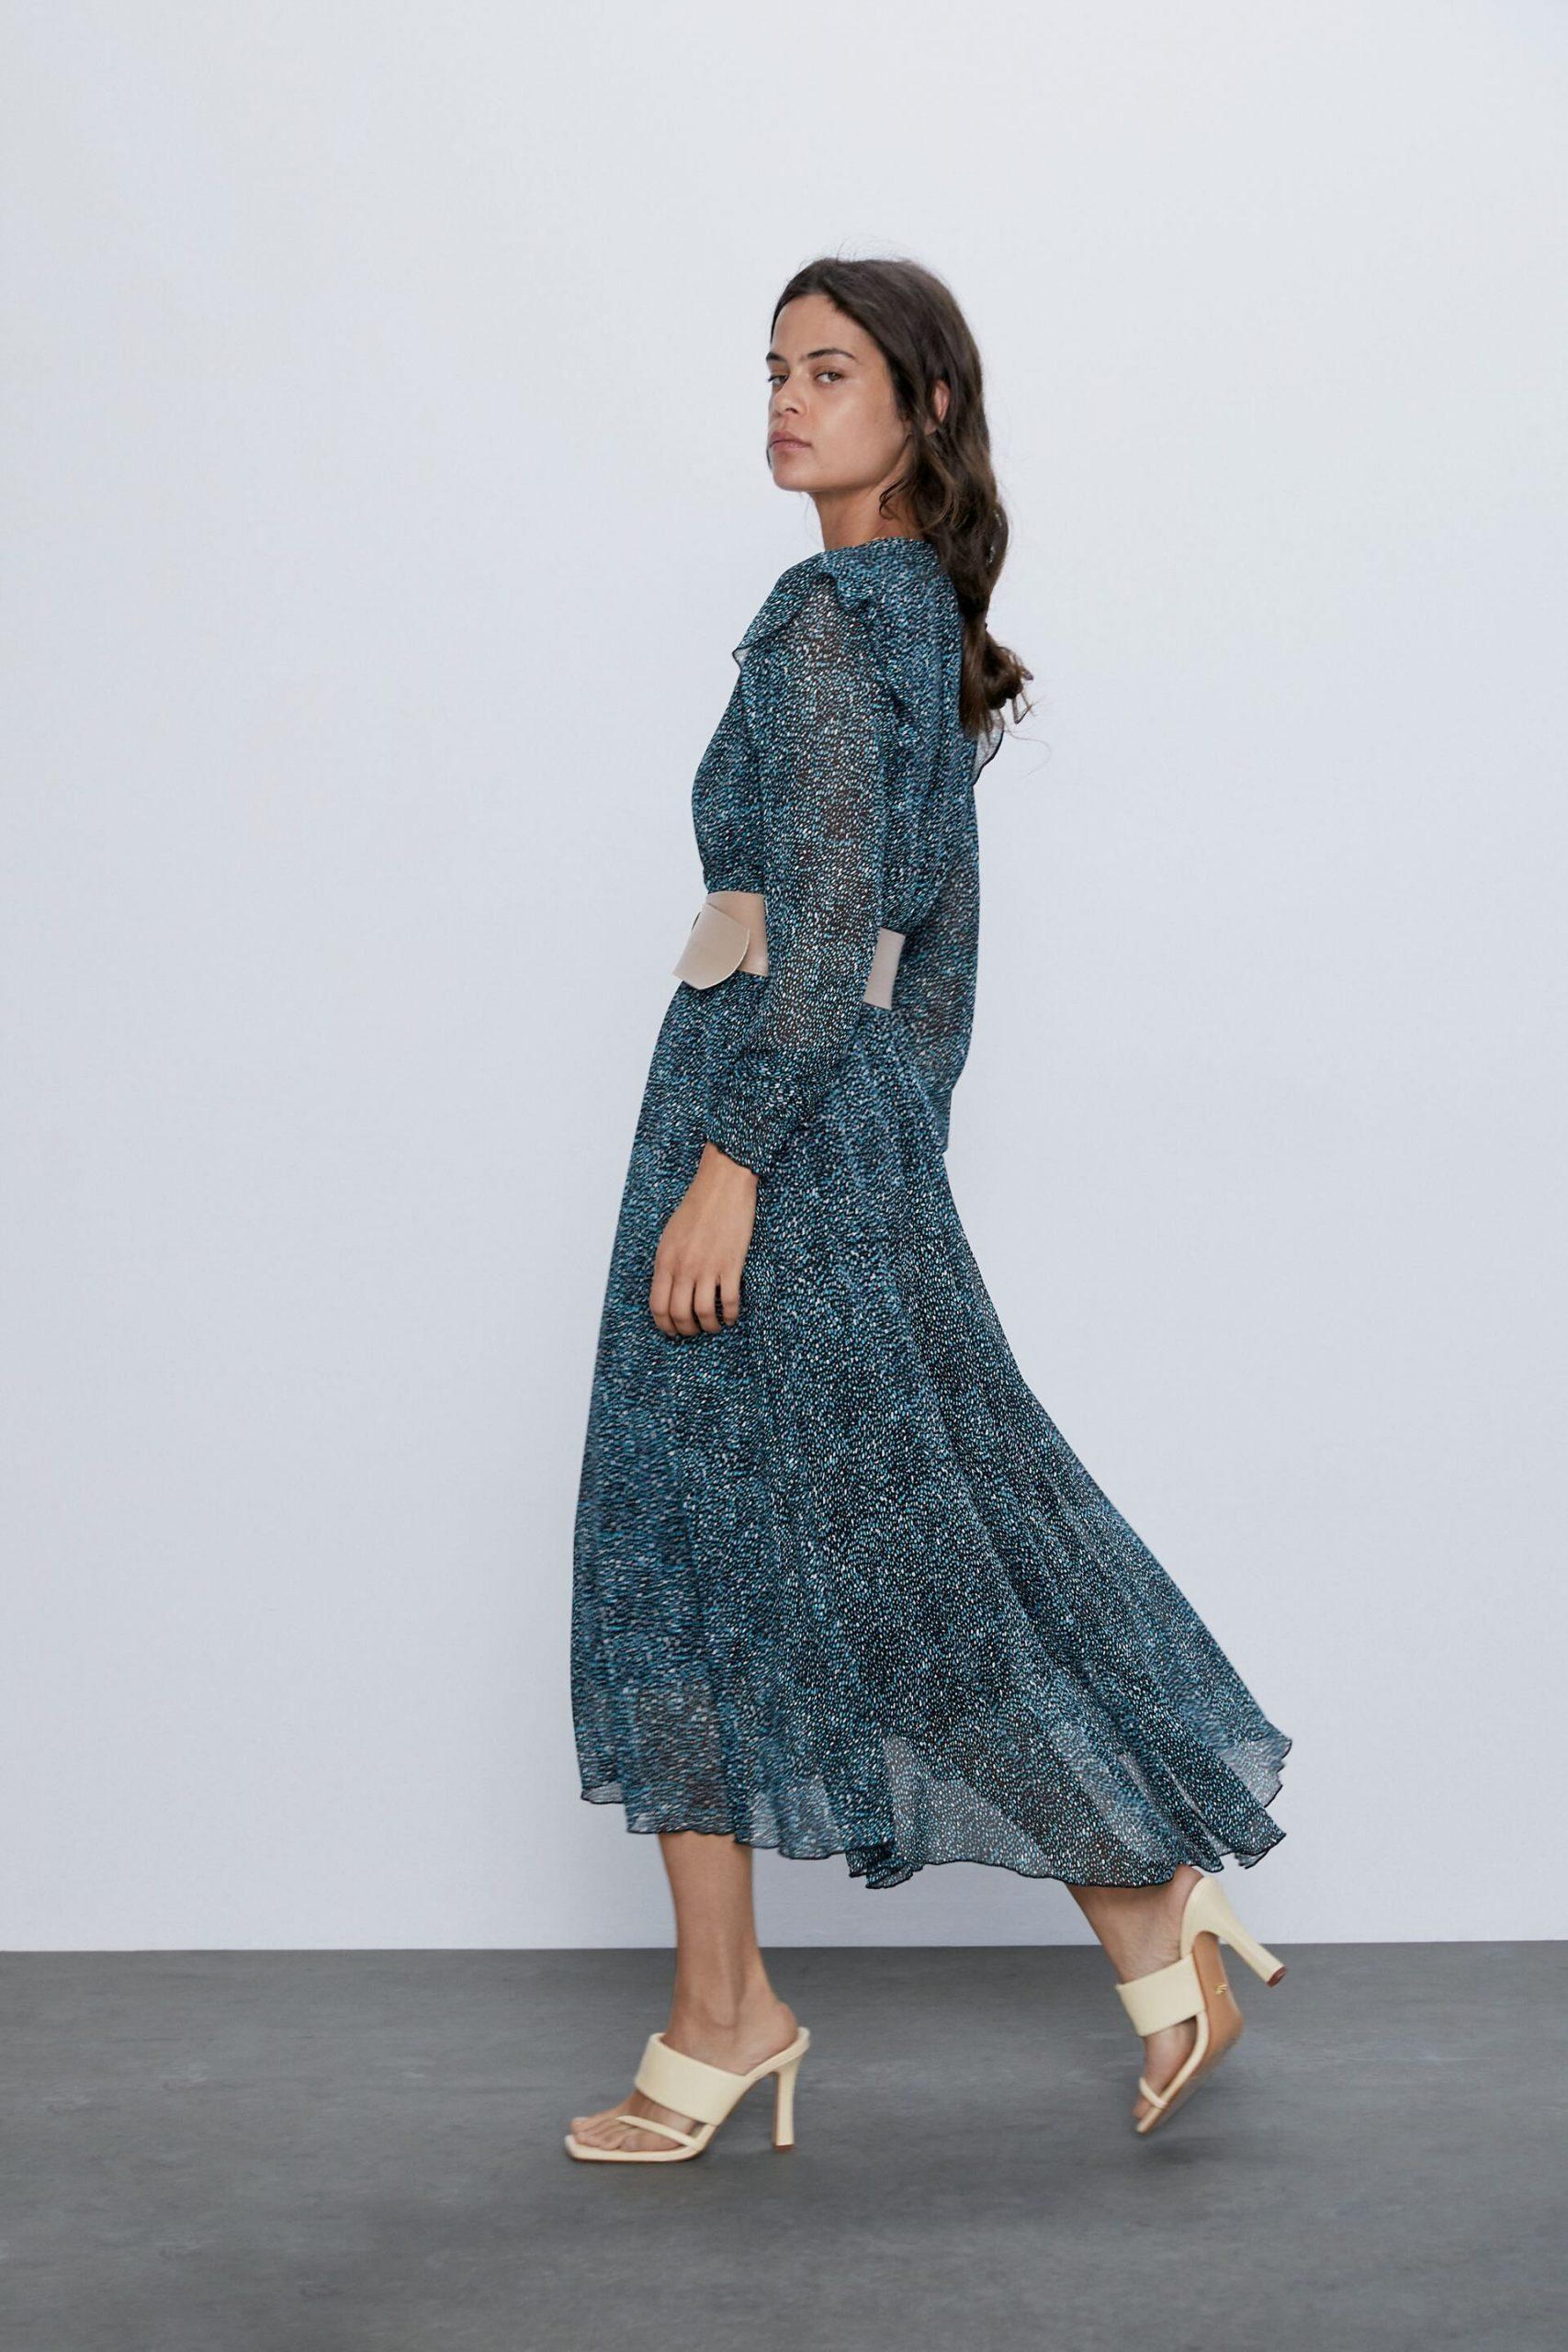 Gemustertes Kleid Mit Gürtel  Zara Deutschland / Germany